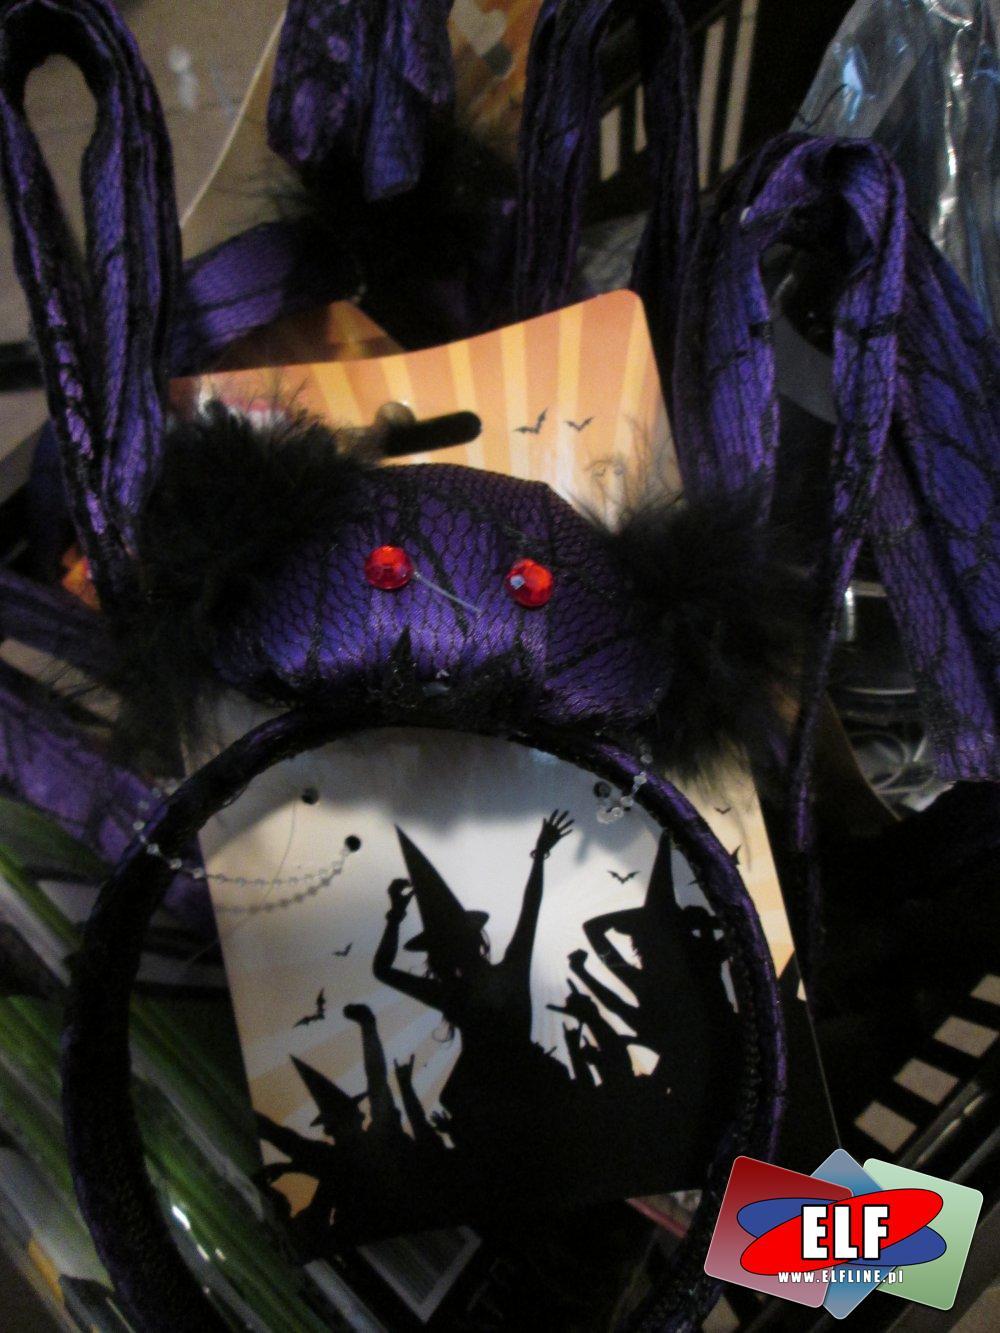 Halloween, stroje, strój, hallo ween, imprezowe, okazjonalne, świąteczne